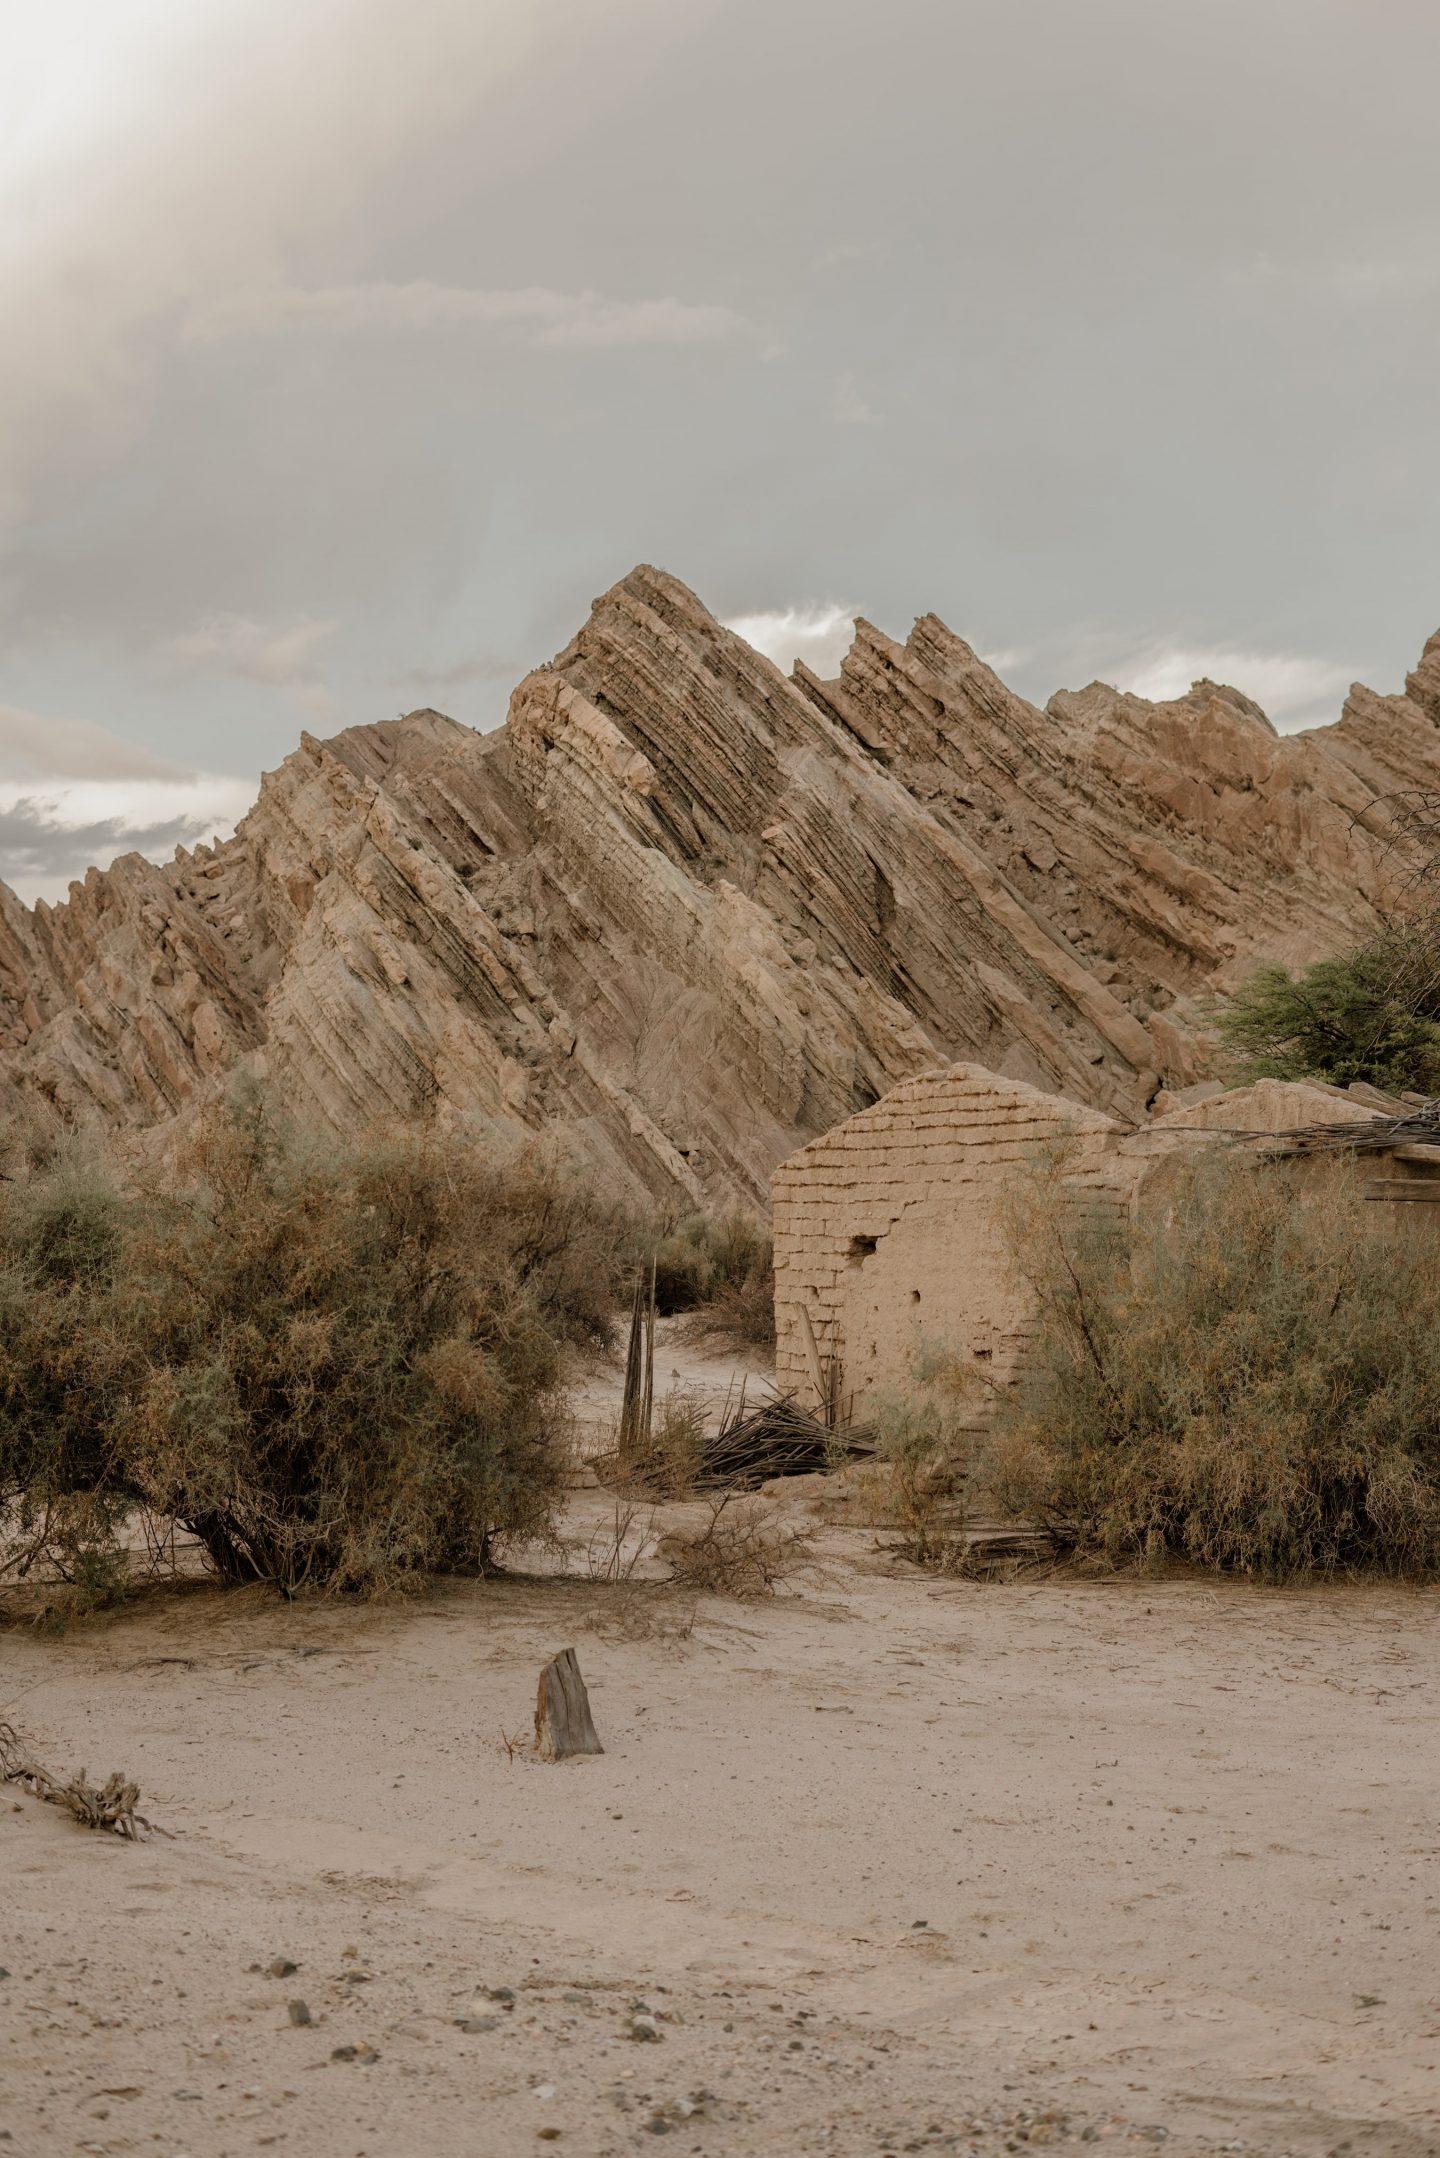 IGNANT-Photography-Landscape-HoracioReyePaez-21